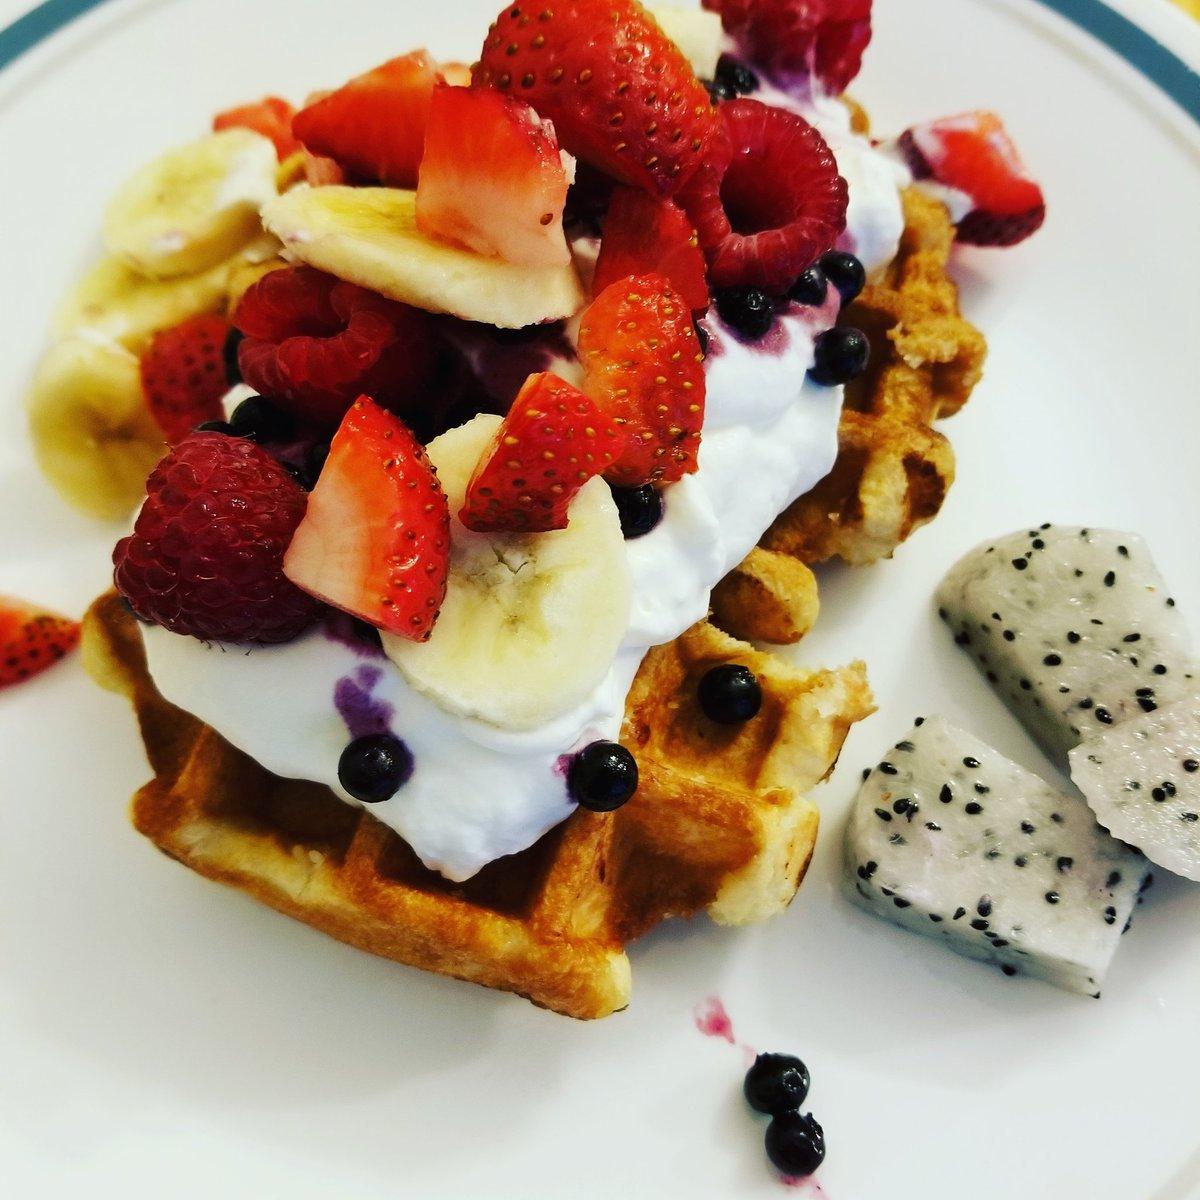 Breakfast for chubby champions! #fighterdiet #breakfastforchampions #breakfast #waffles https://t.co/DGF48rErlB